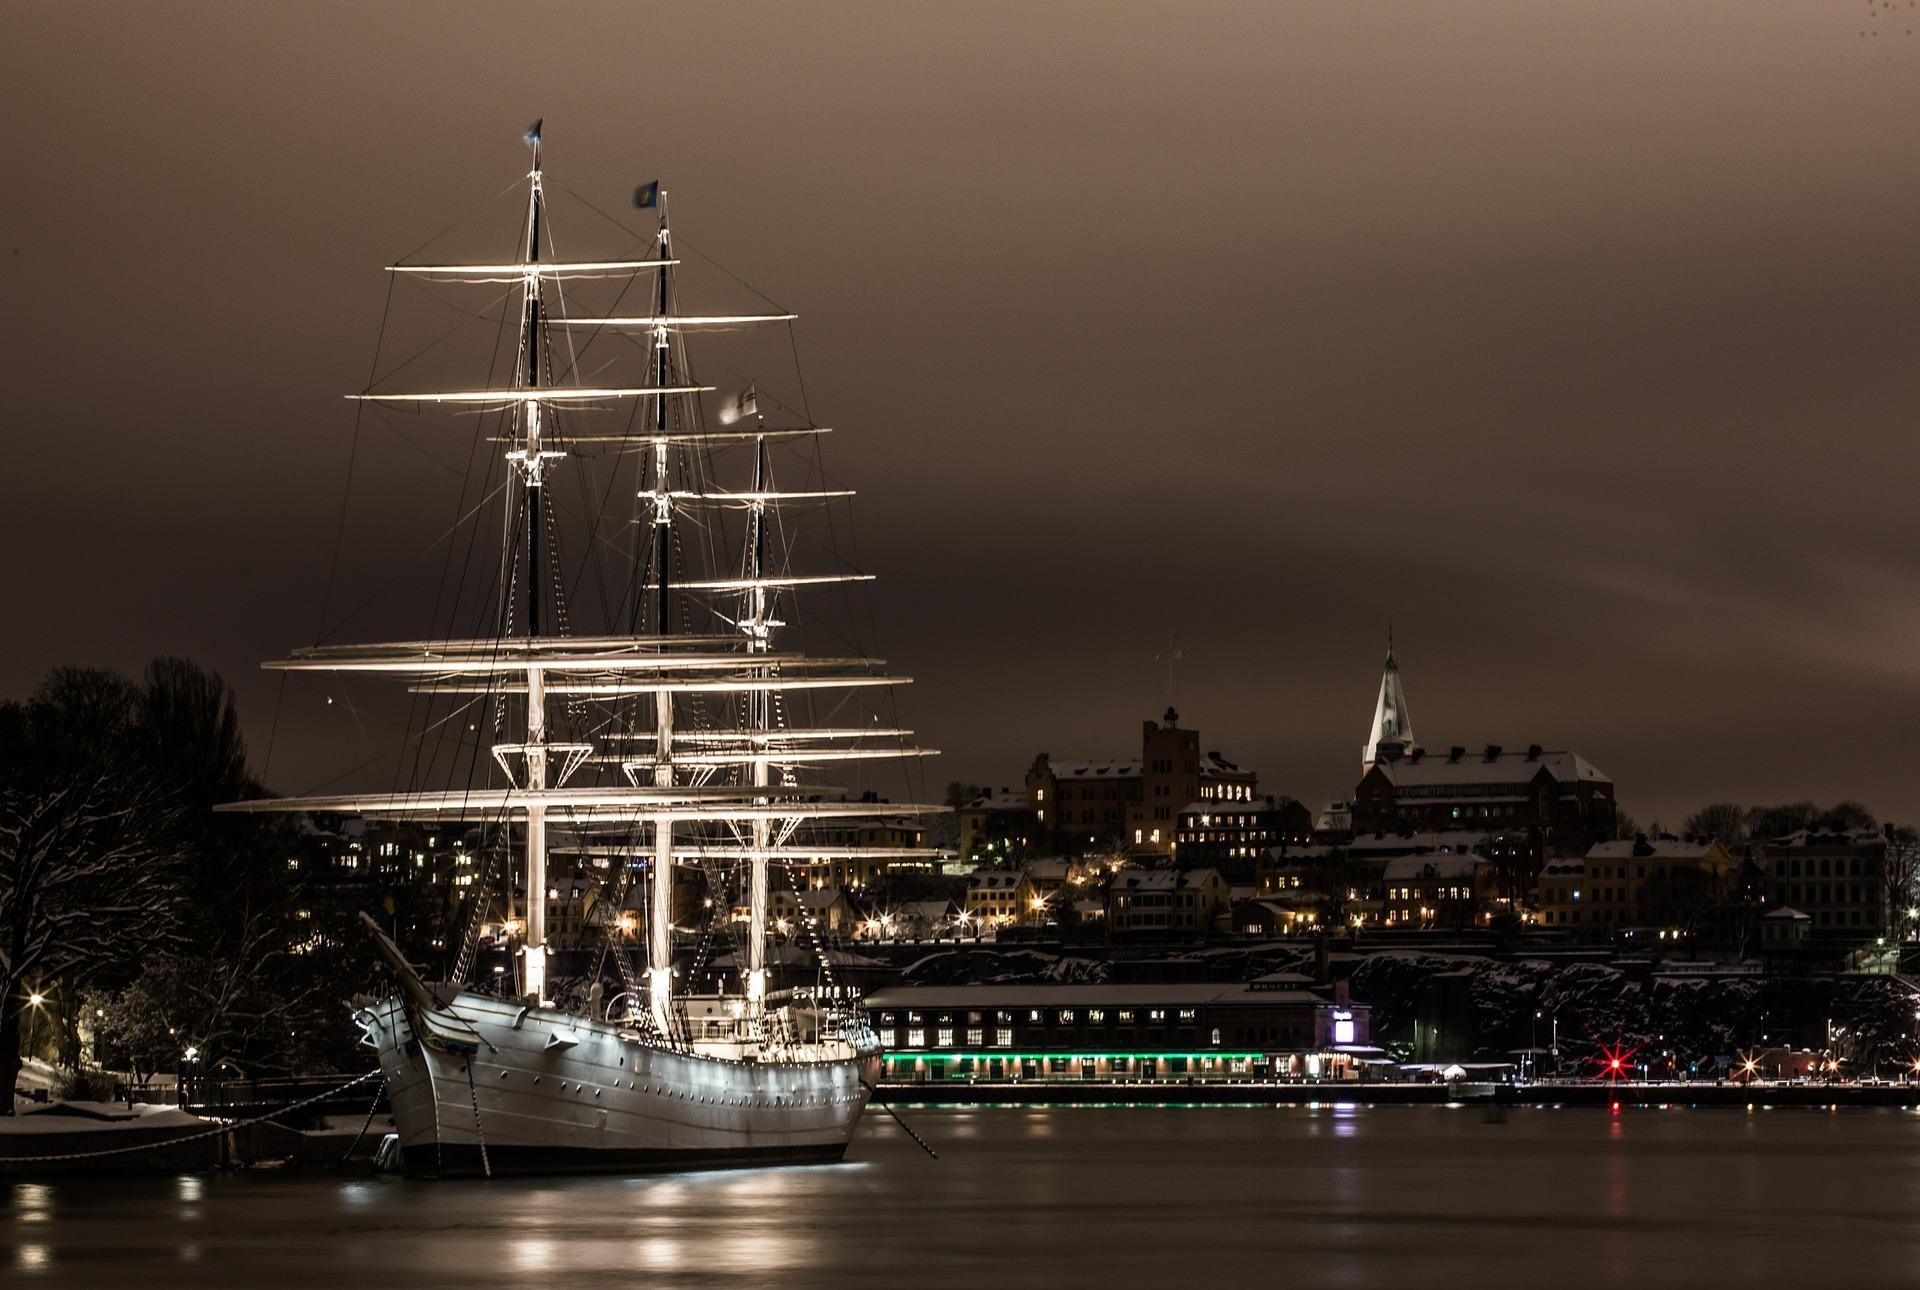 barco, à noite, estocolmo, Procurar, Porto - Papéis de parede HD - Professor-falken.com